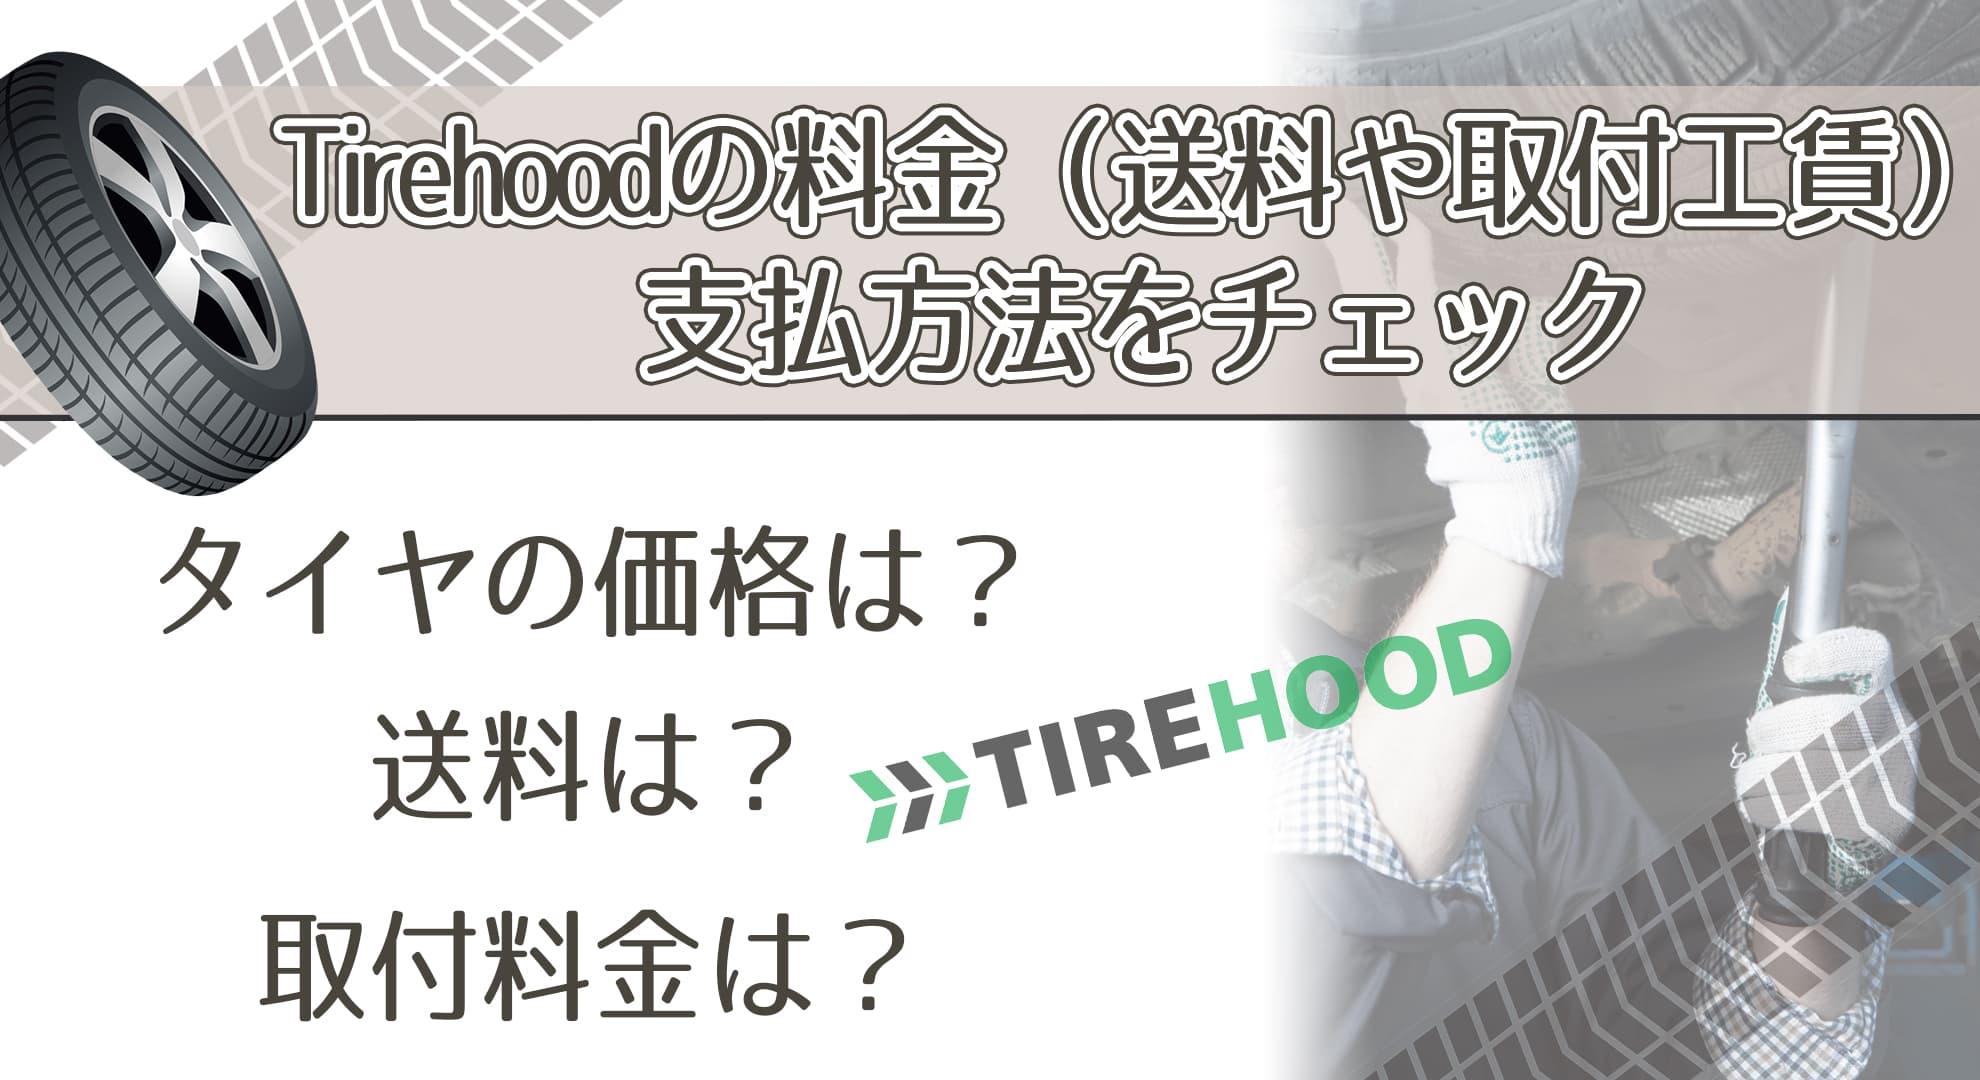 Tirehood(タイヤフッド)の料金(送料や取付工賃)、支払方法をチェック